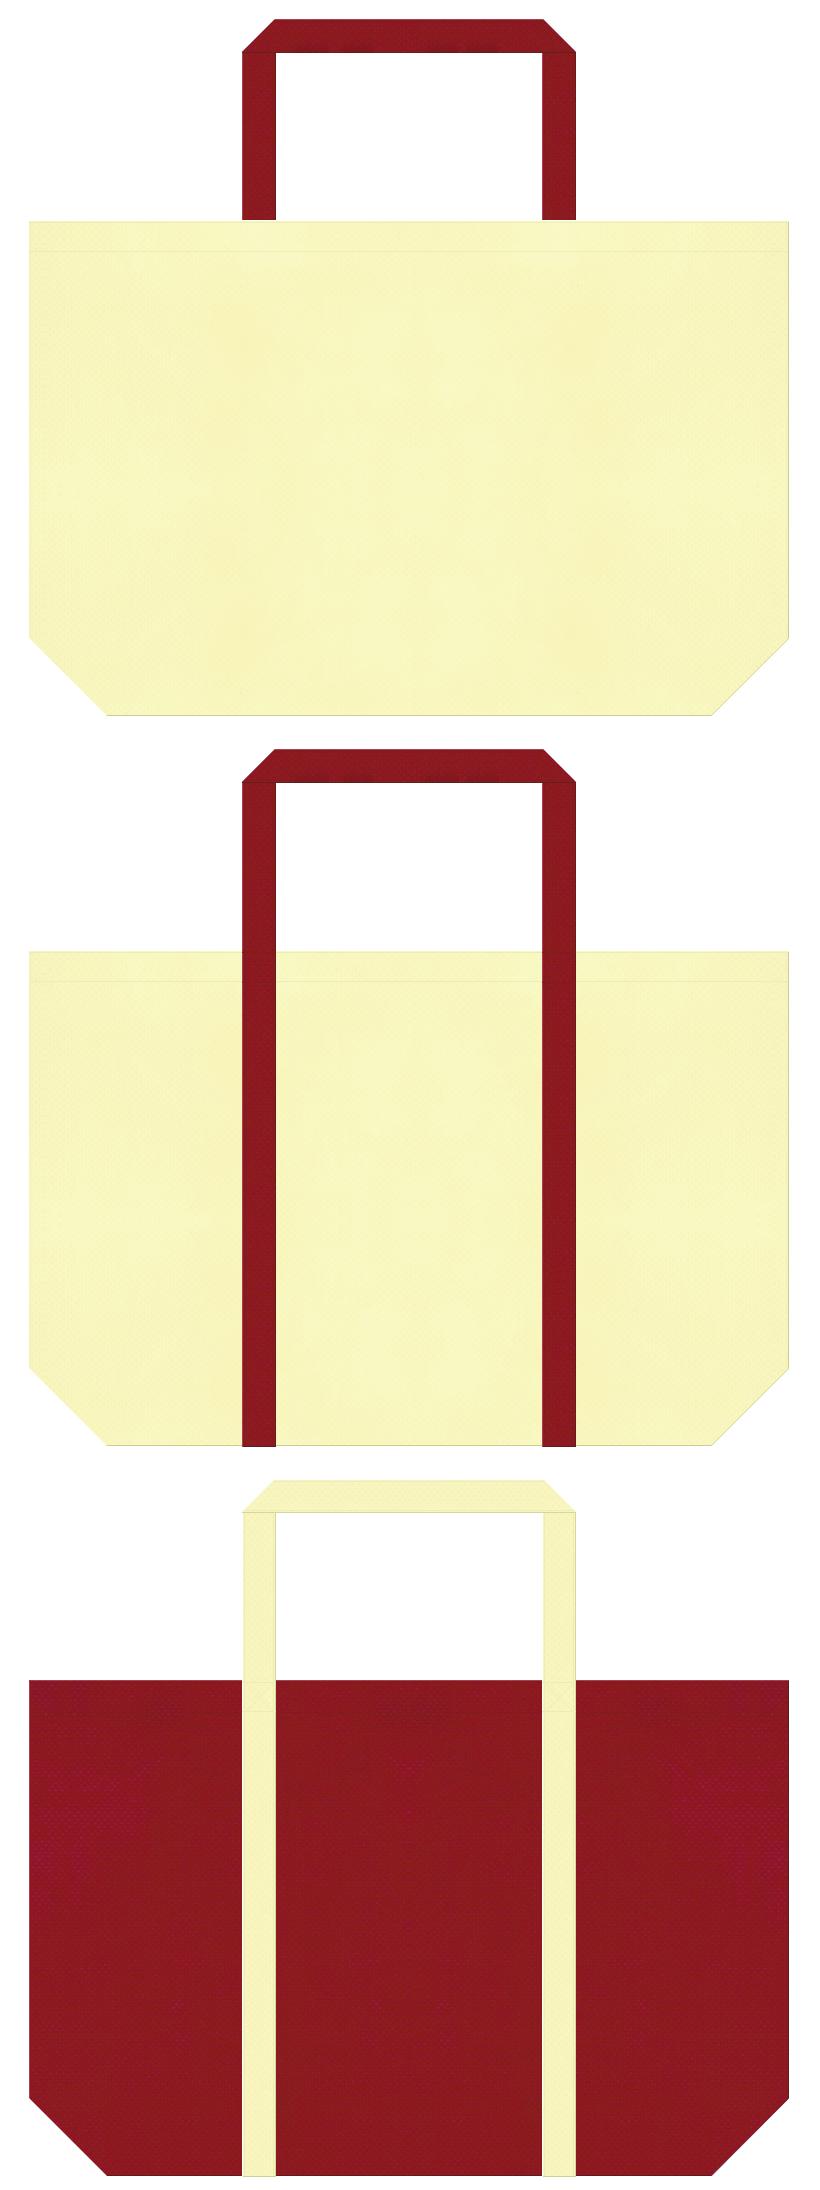 学校・オープンキャンパス・学習塾・レッスンバッグ・海老せんべい・海老フライ・和菓子・和風催事にお奨めの不織布バッグデザイン:薄黄色とエンジ色のコーデ